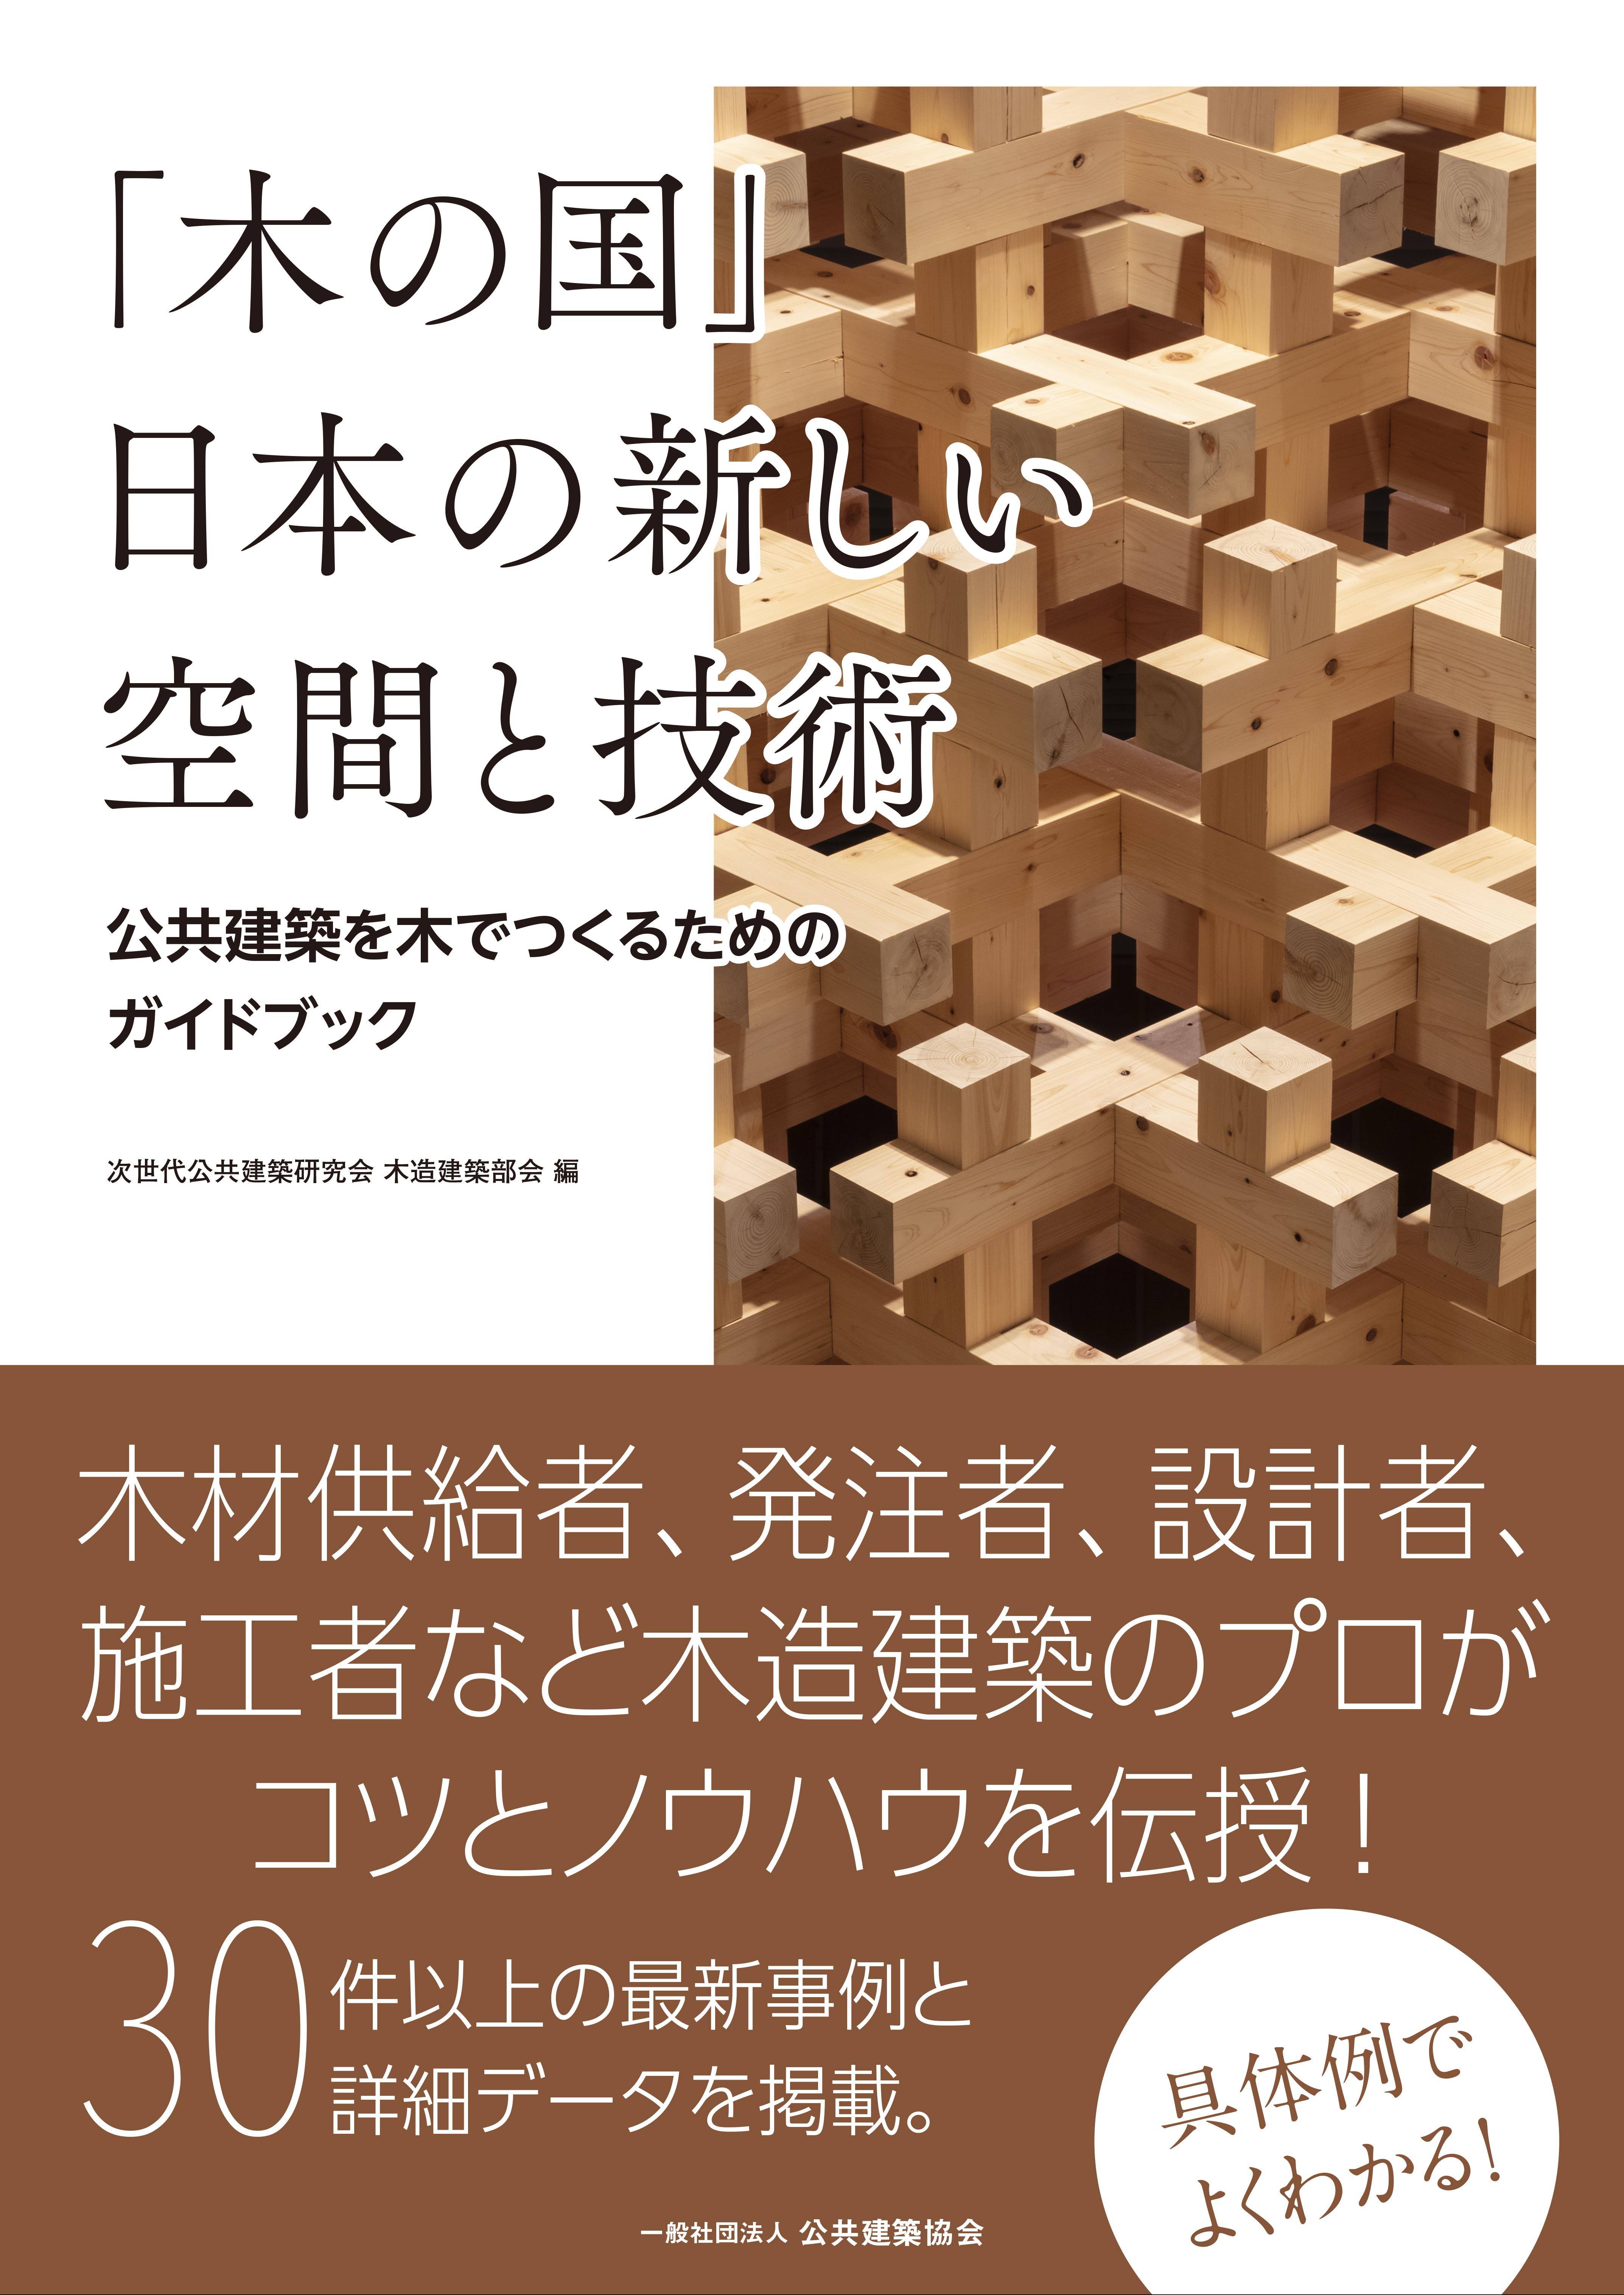 「木の国」日本の新しい空間技術 公共建築を木でつくるためのガイドブック